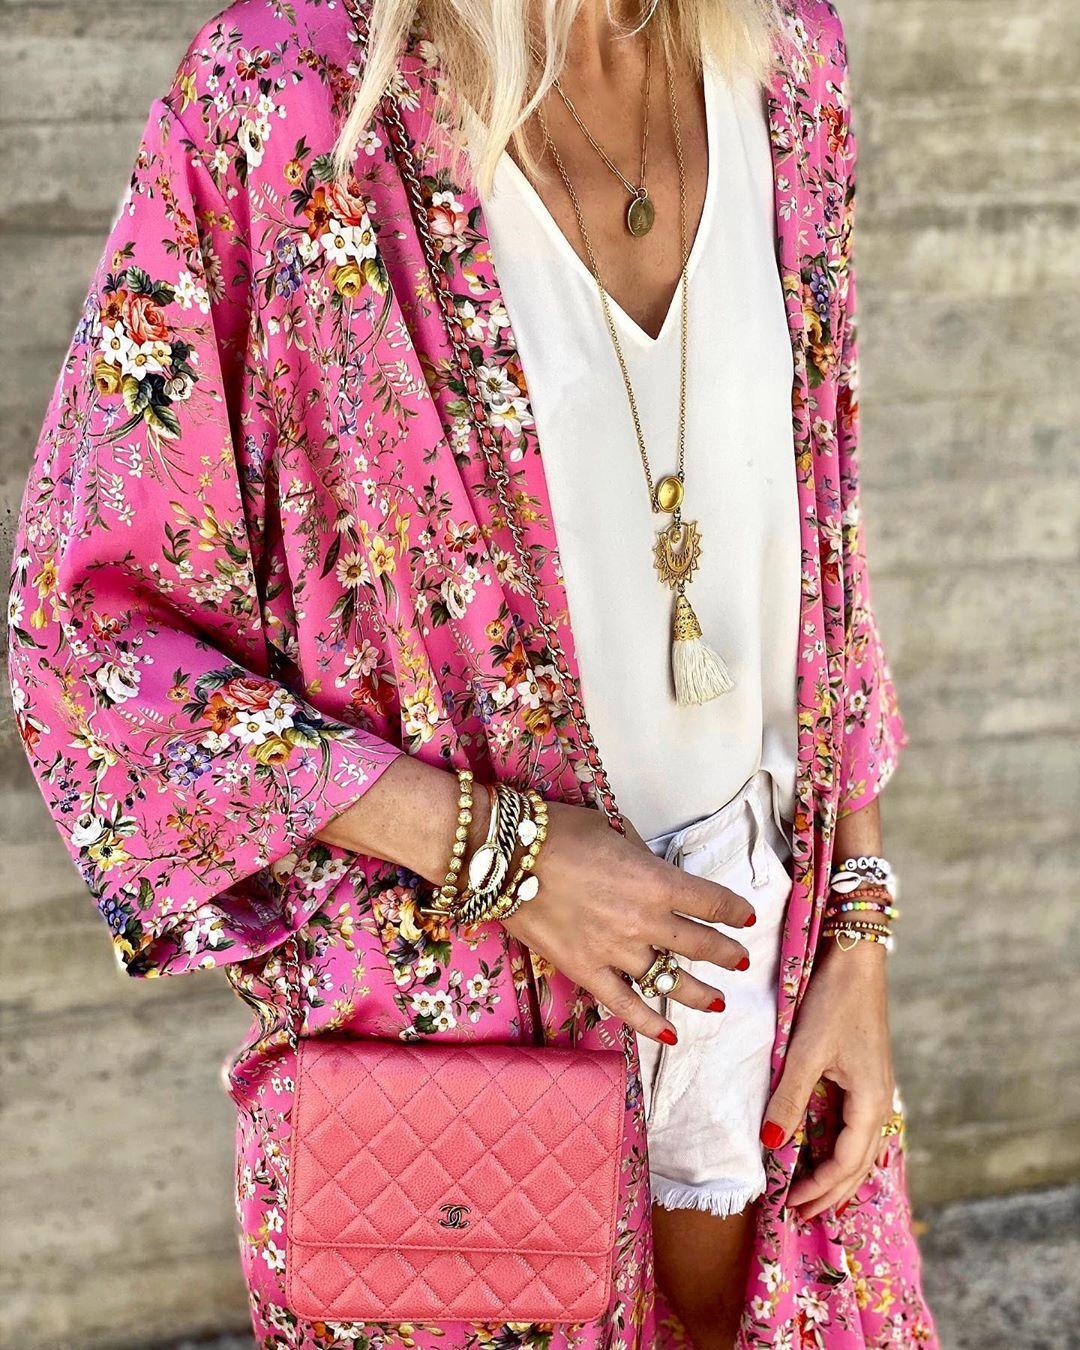 @annamavridis mặc áo kimono, áo hai dây, quần short, đeo vòng cổ nhiều tầng, vòng tay, nhẫn